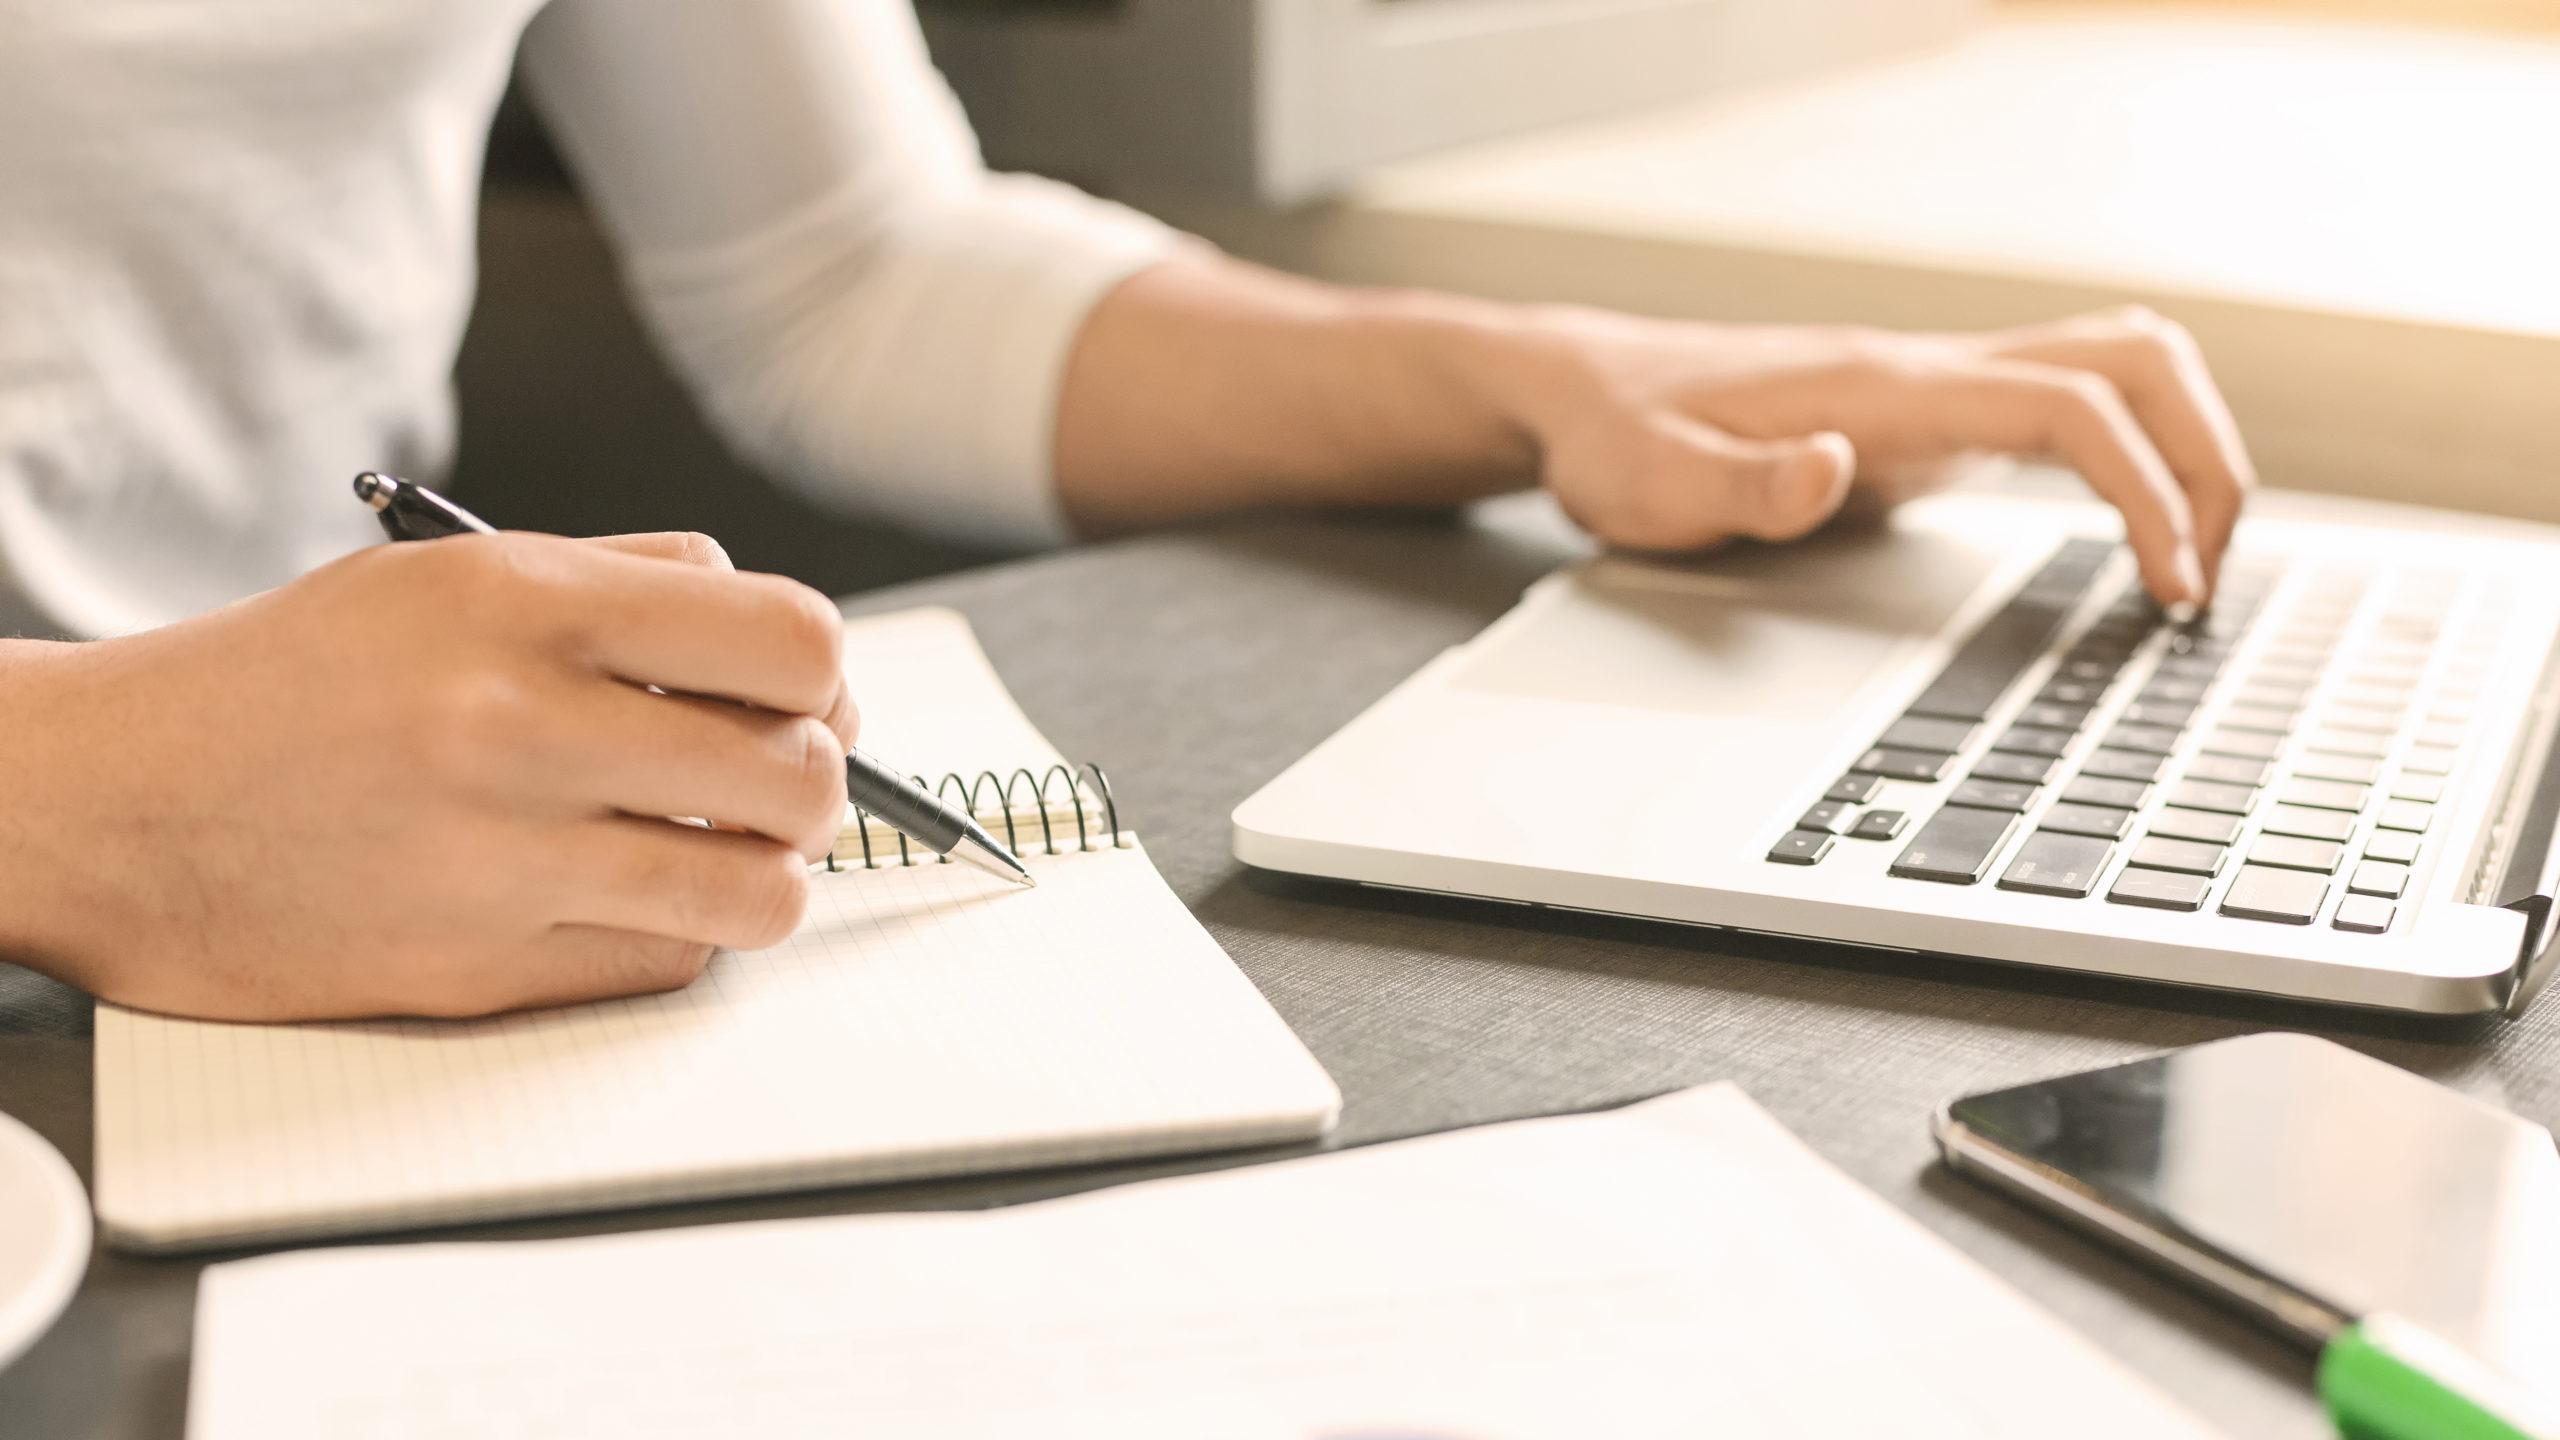 Personne utilisant son ordinateur et écrivant sur un cahier